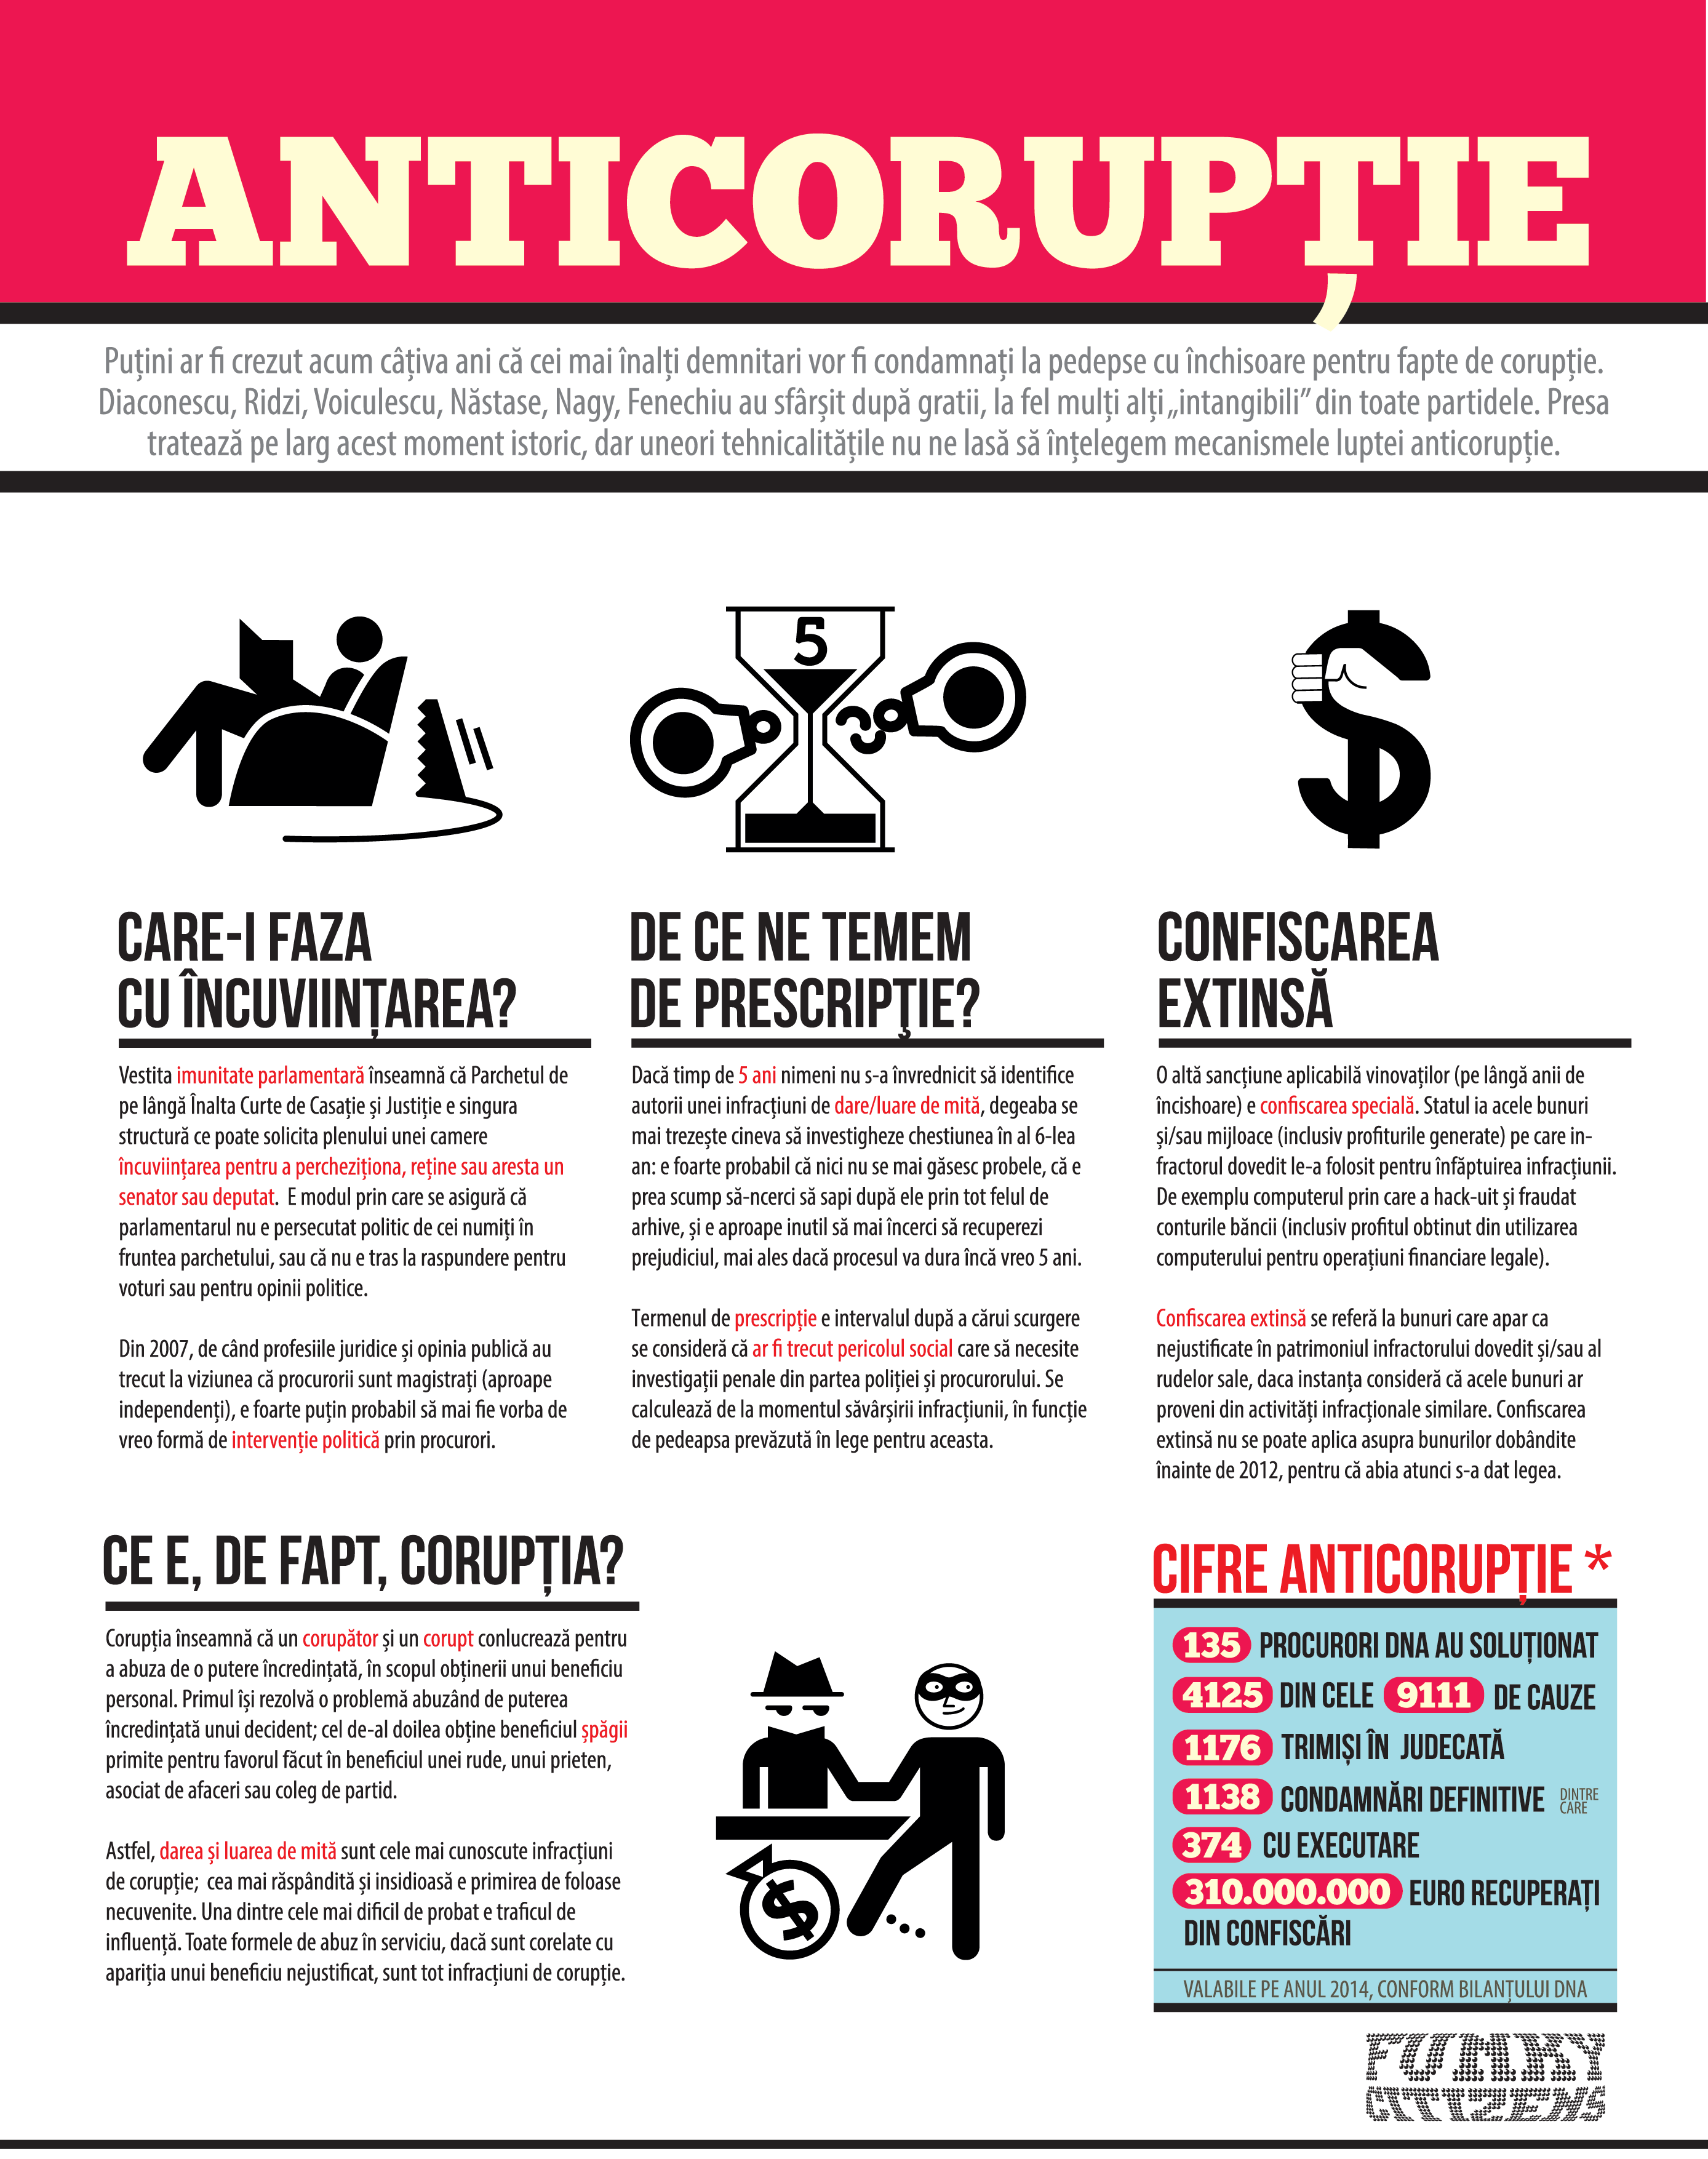 Scurt/2 despre anticorupție